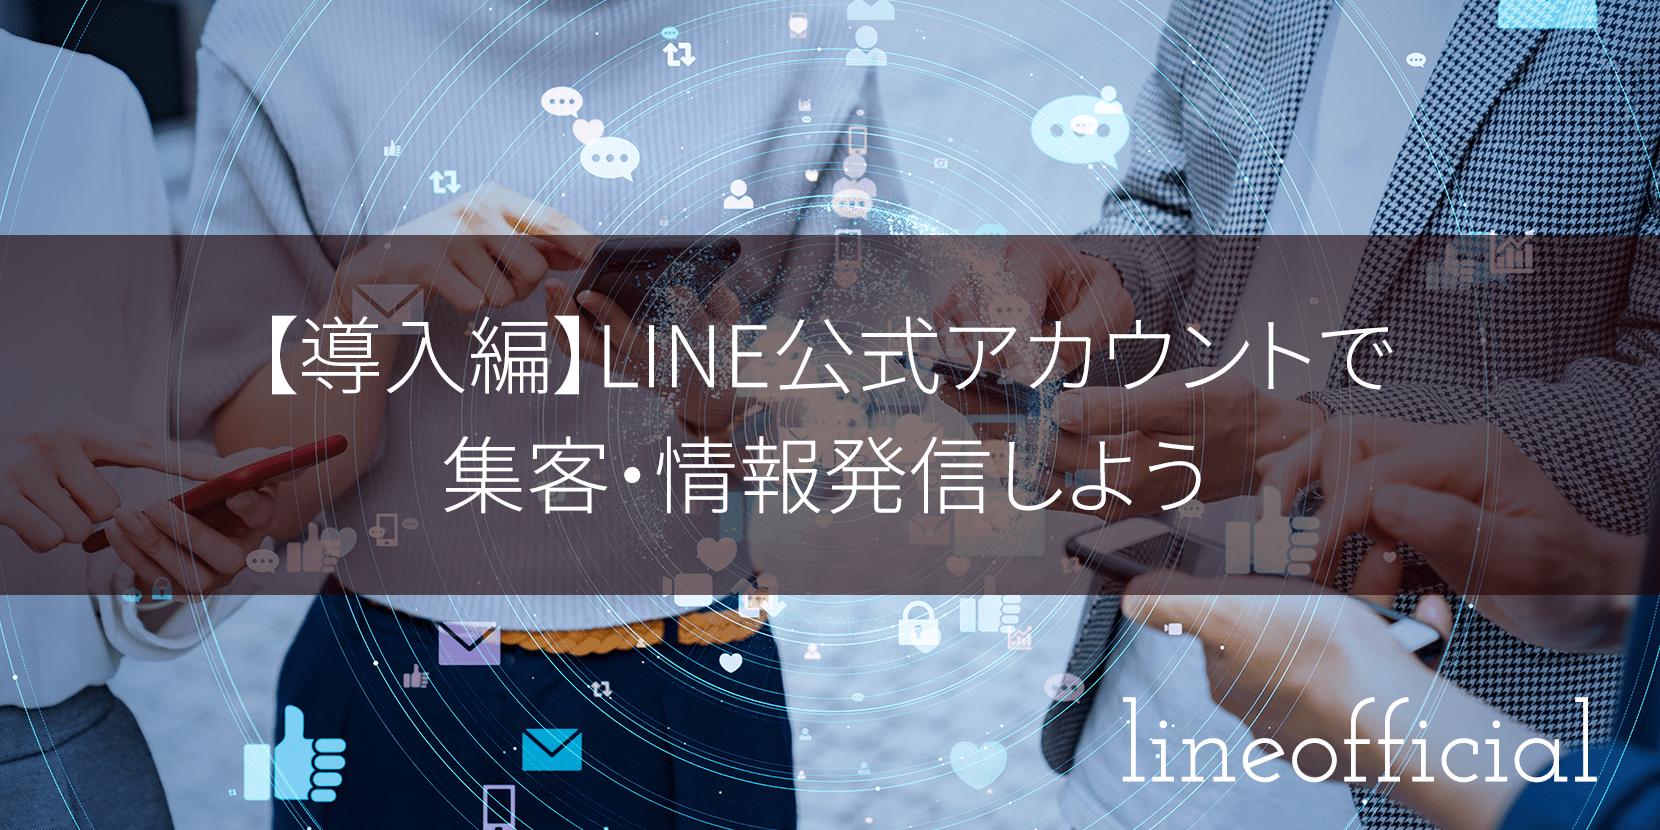 【導入編】LINE公式アカウントで集客・情報発信しよう